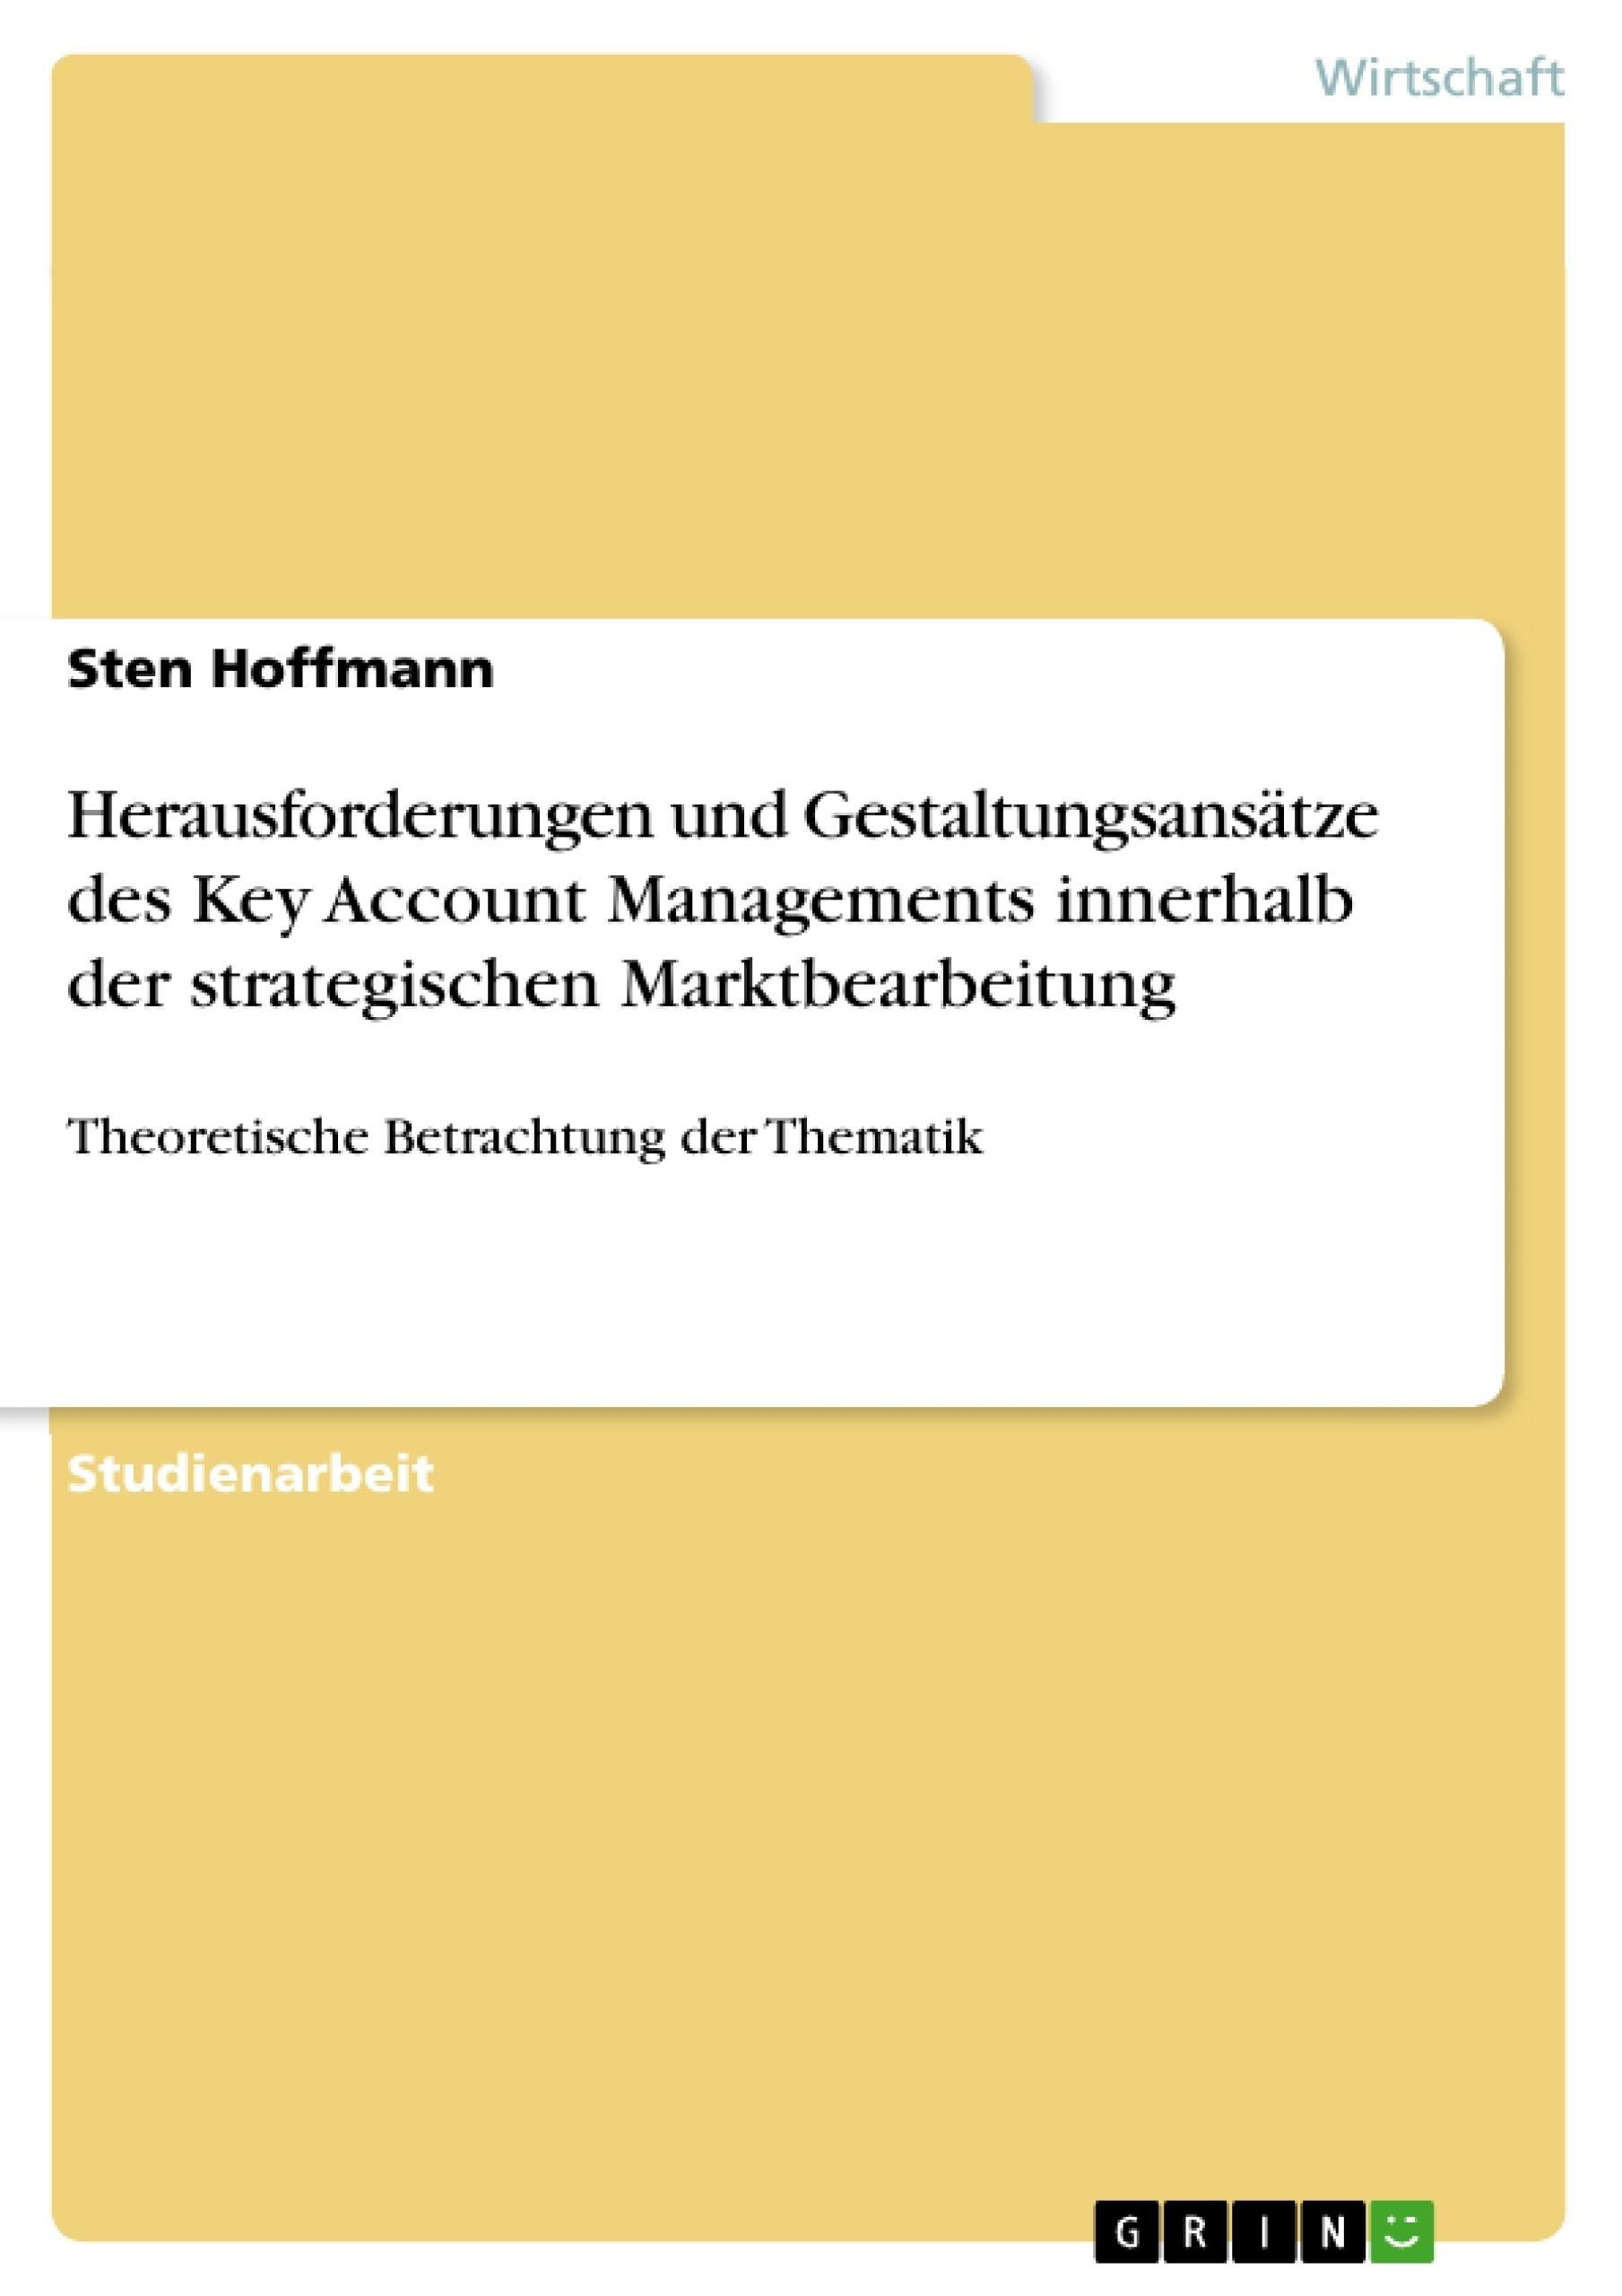 Titel: Herausforderungen und Gestaltungsansätze des Key Account Managements innerhalb der strategischen Marktbearbeitung